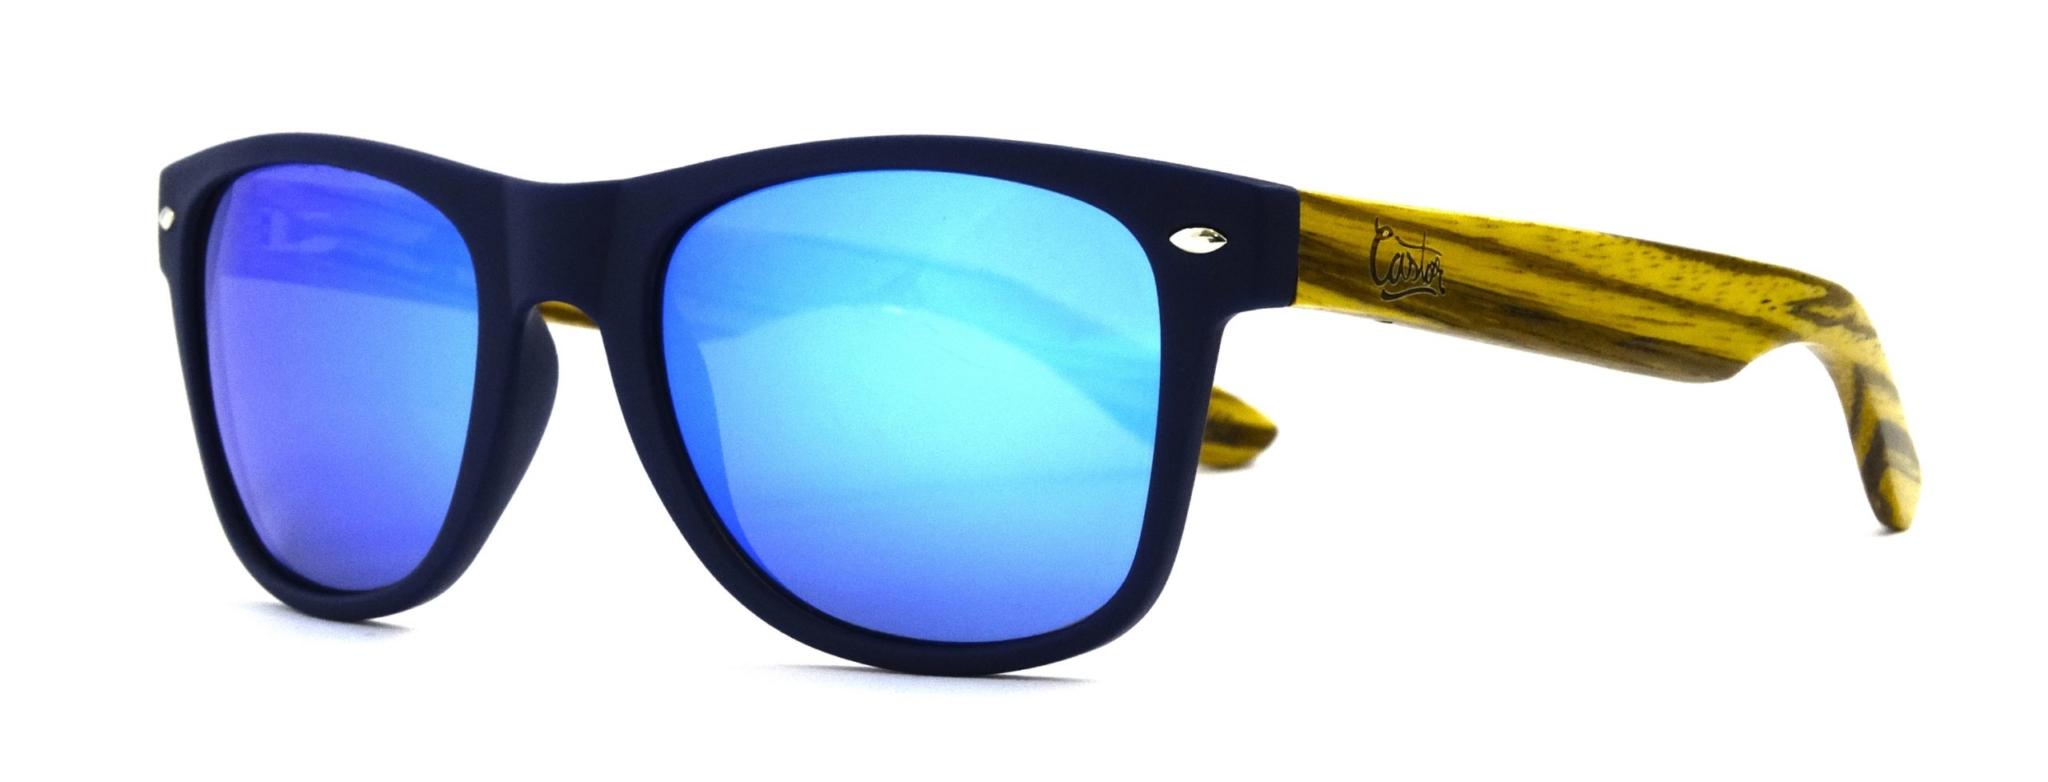 0c3a006a-115b-gafas-de-sol